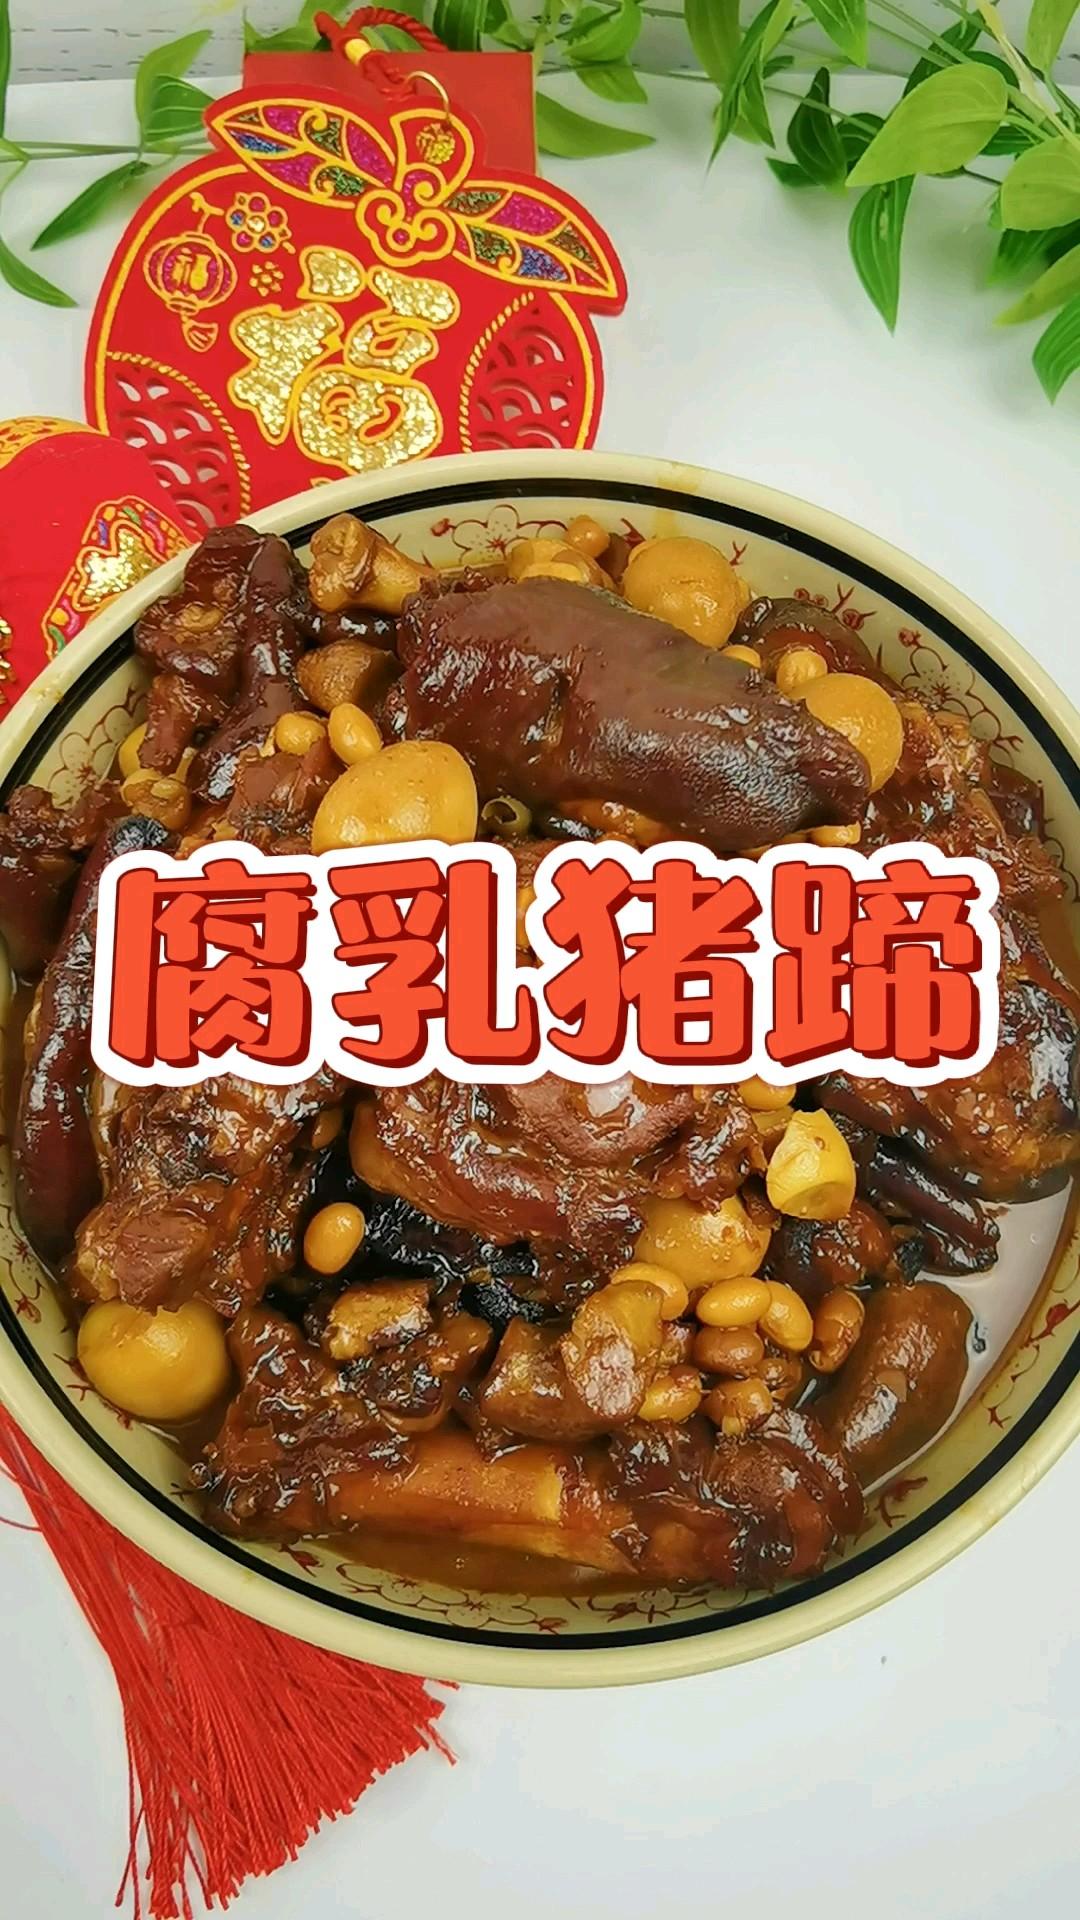 腐乳猪蹄-满满的胶原蛋白,软糯不油腻,入口即化的做法